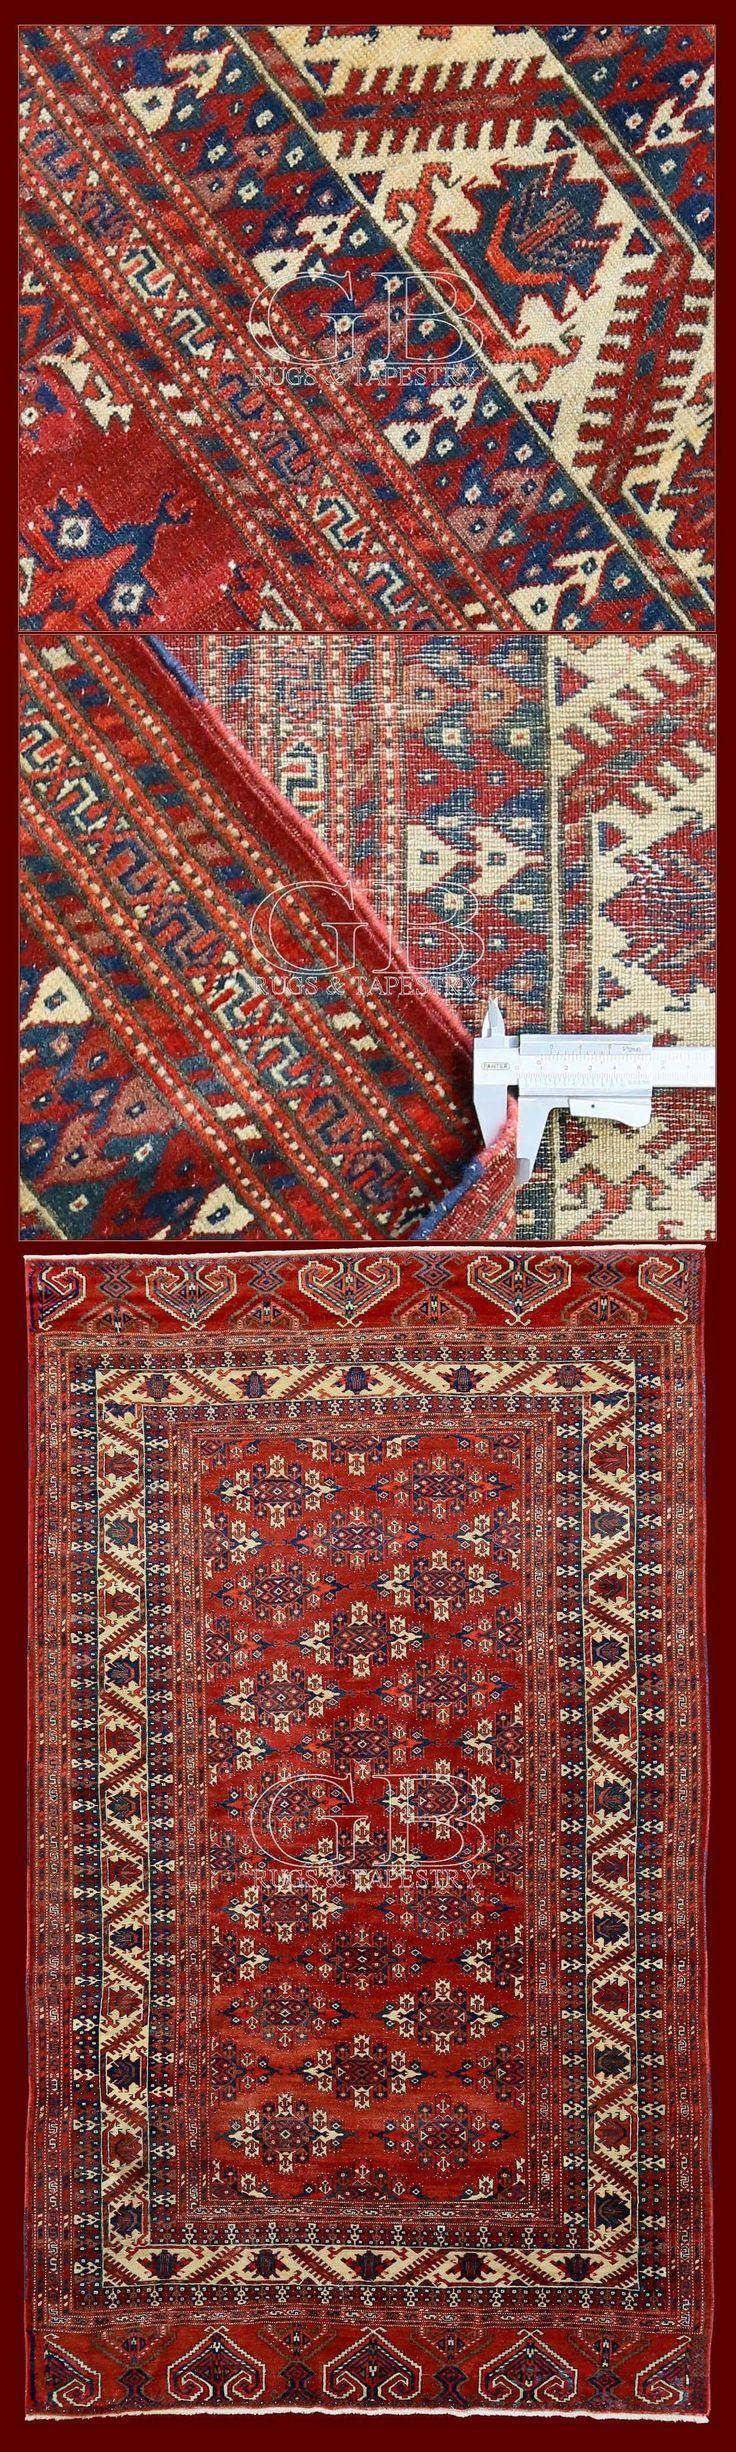 ANTIQUE YOMUT TURKMEN 275 x 160 | 140534336473 | GB Rugs